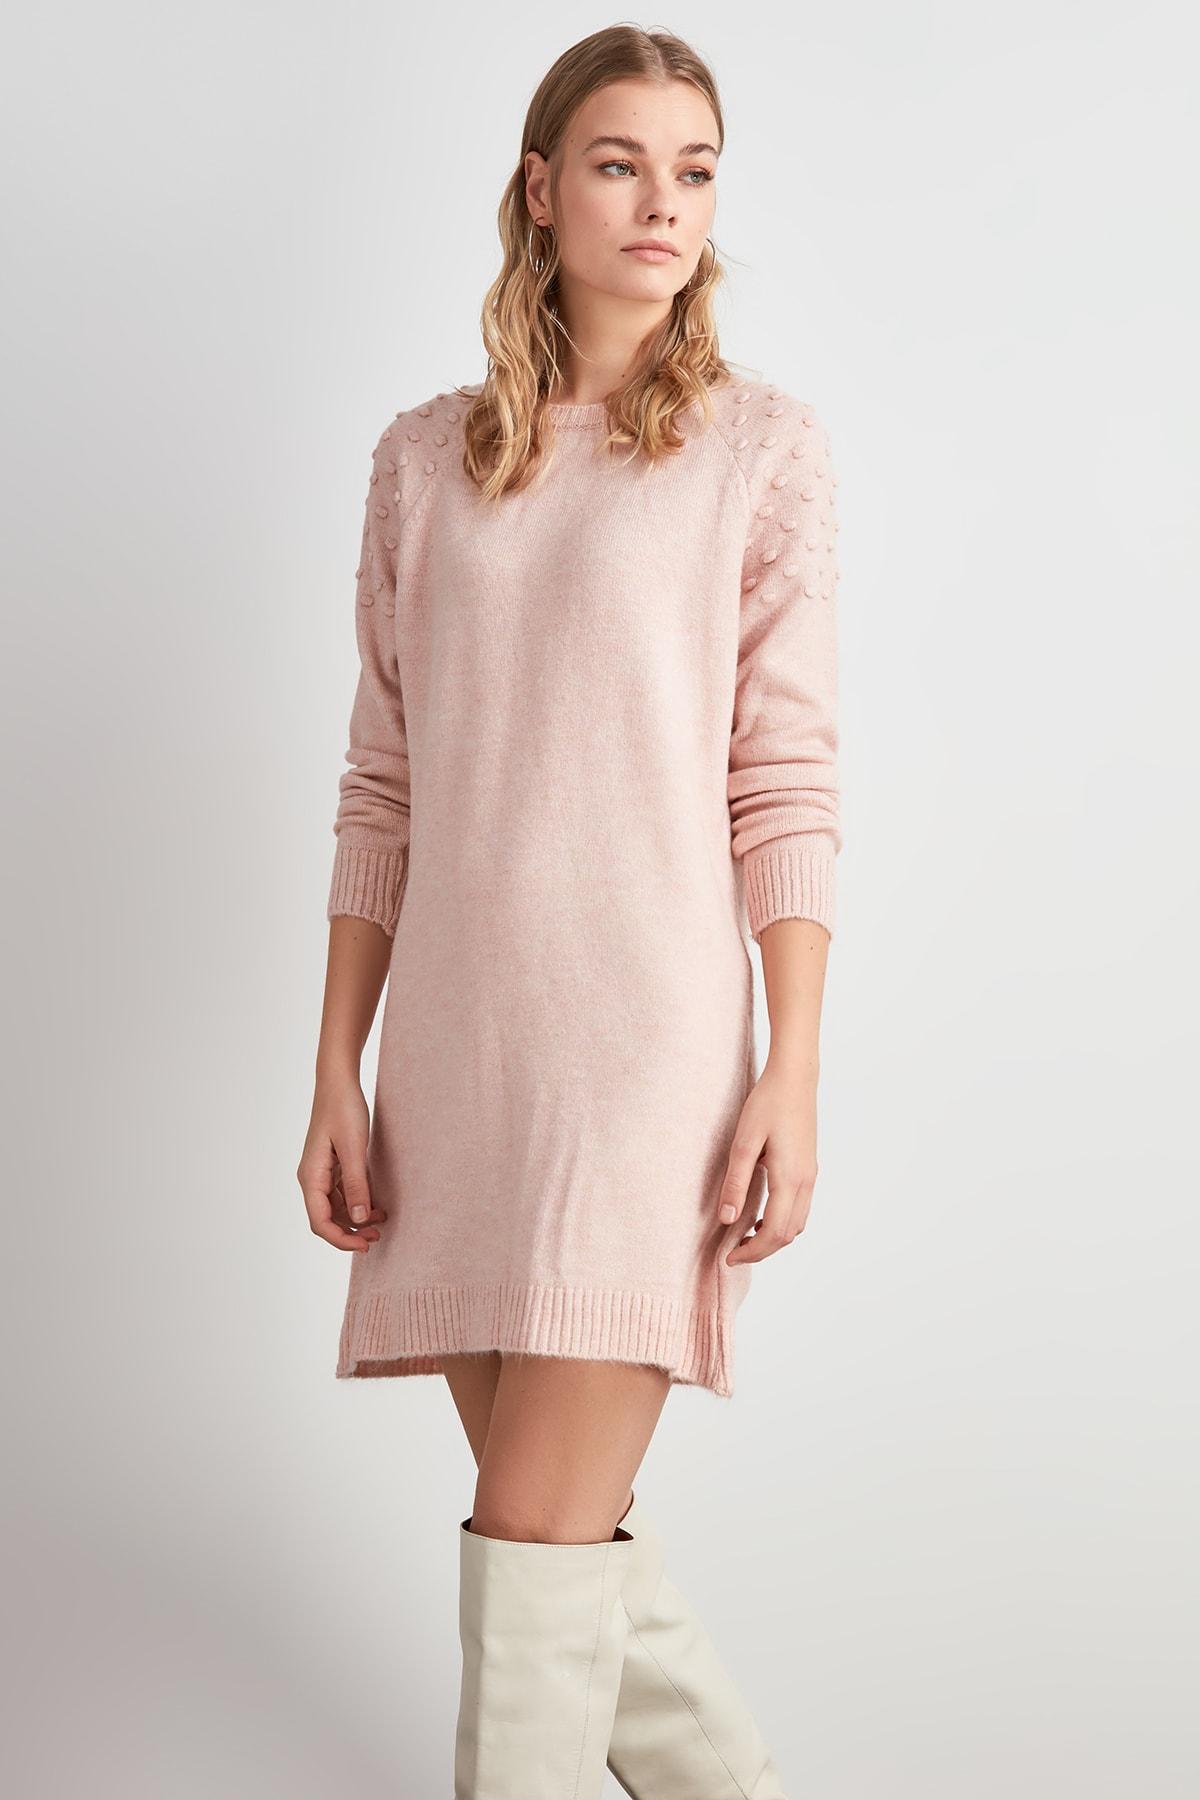 Trendyol Handles Polka Dot Sweater Sweater TWOAW20KZ1438